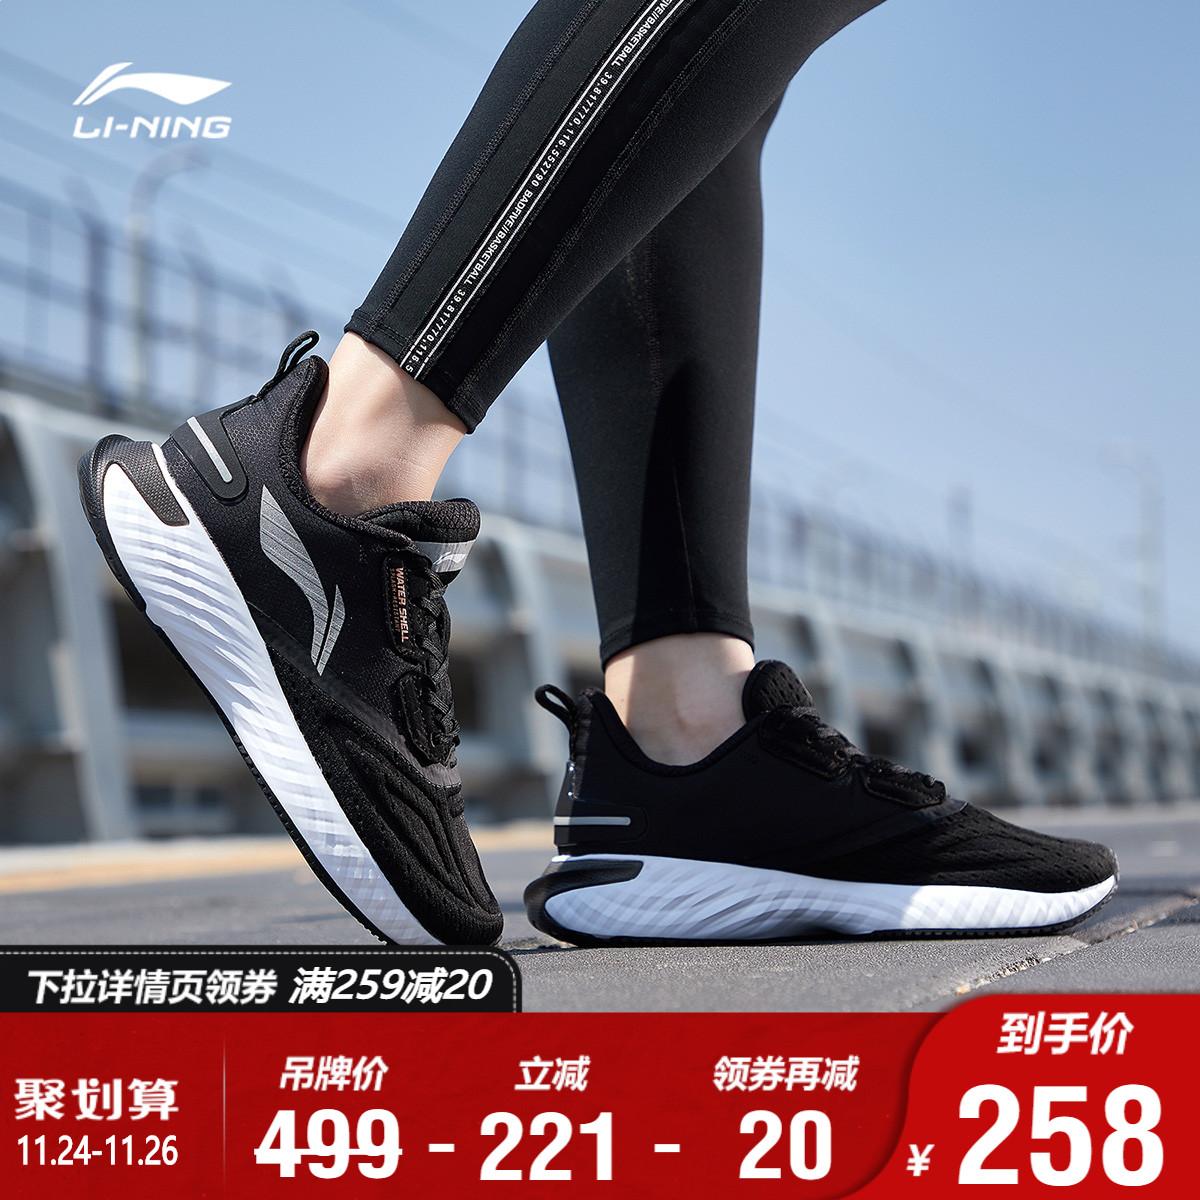 李宁跑步鞋女士李宁云五代官网SHIELD减震防泼水中帮运动鞋女